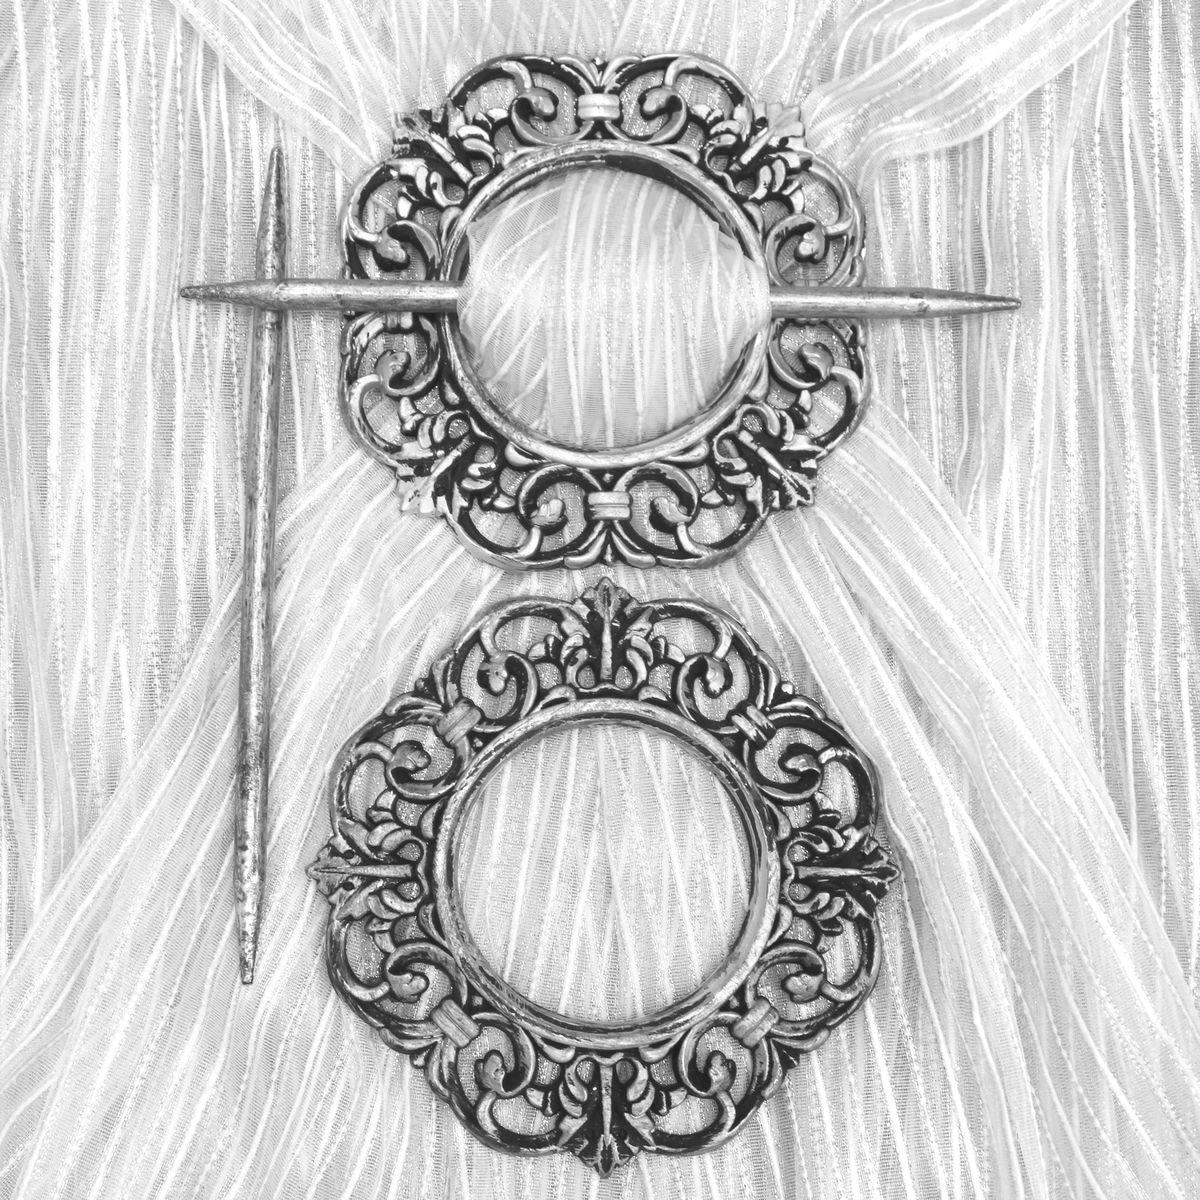 Заколка для штор TexRepublic Kryg, цвет: серебристый, 2 шт. MI C3-1279035Кольцо декоративное - красивая и стильная заколка, удерживающая шторы.